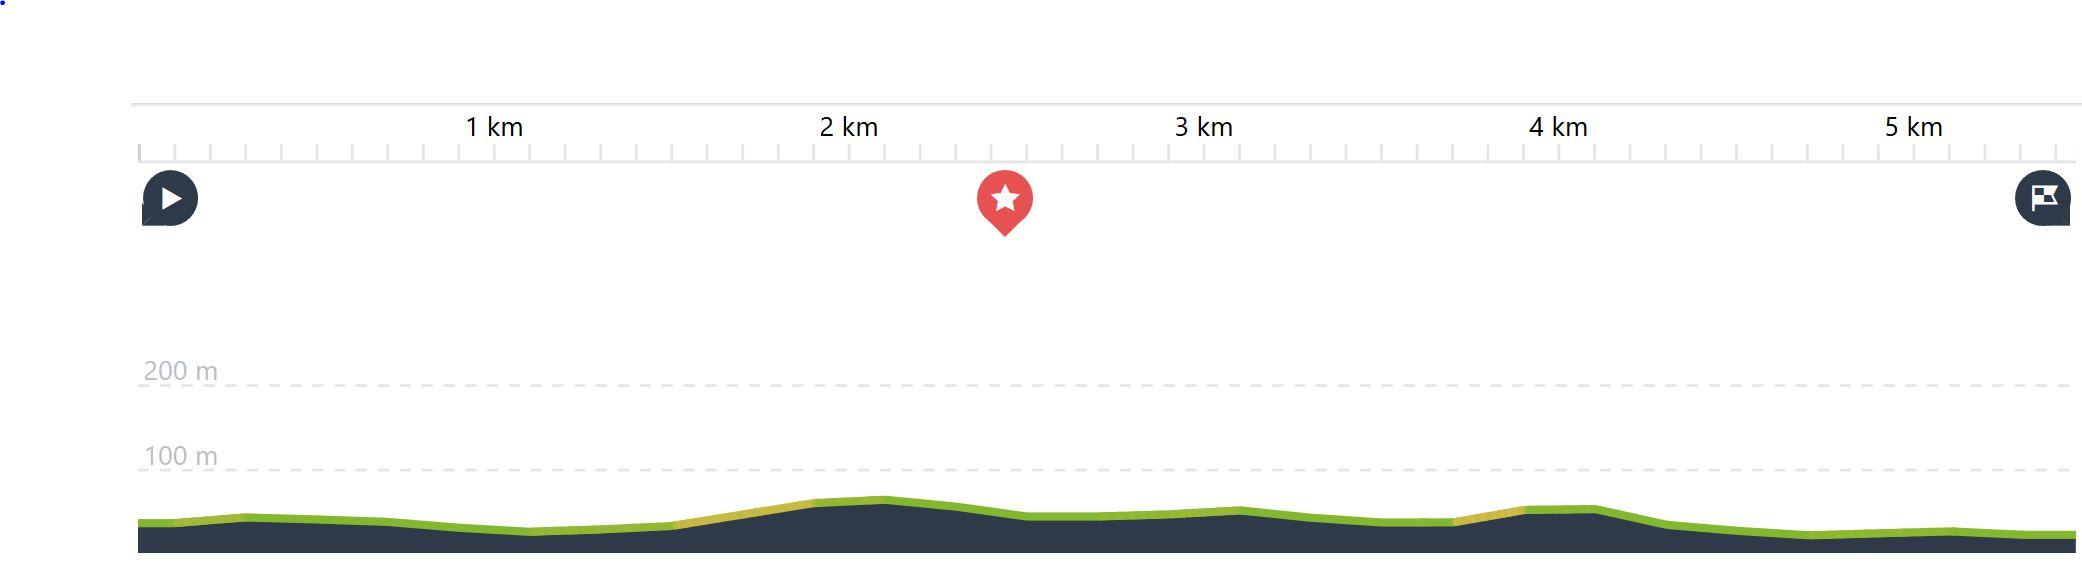 height map Norrfällsviken hike